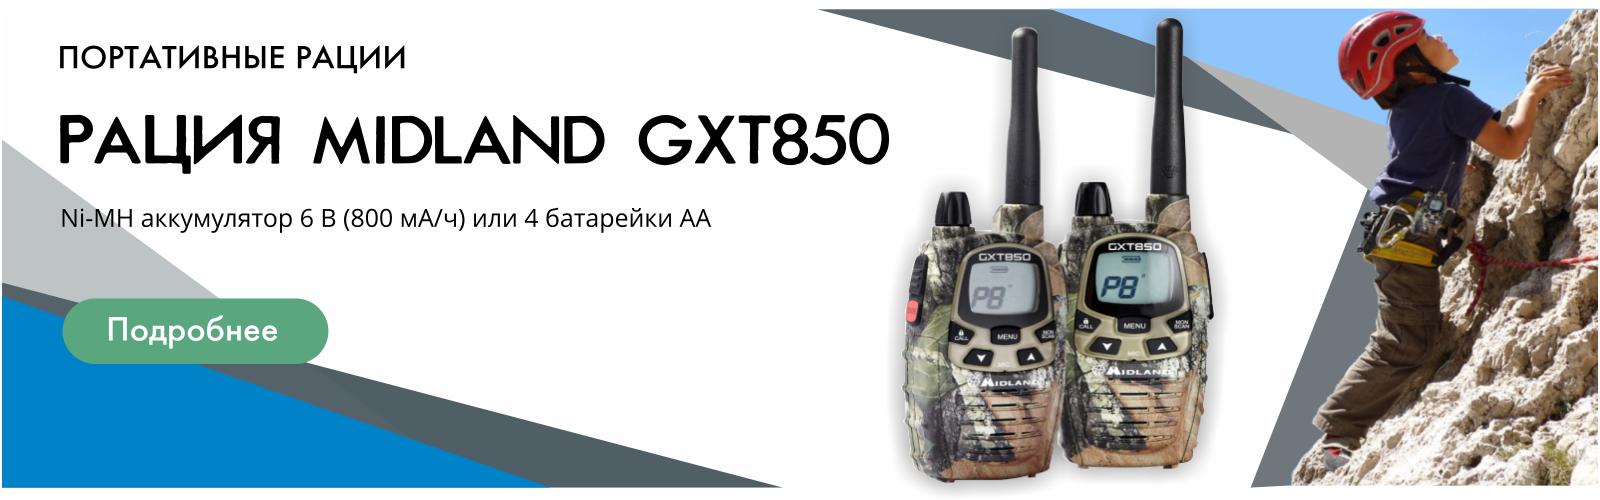 Midland GXT850